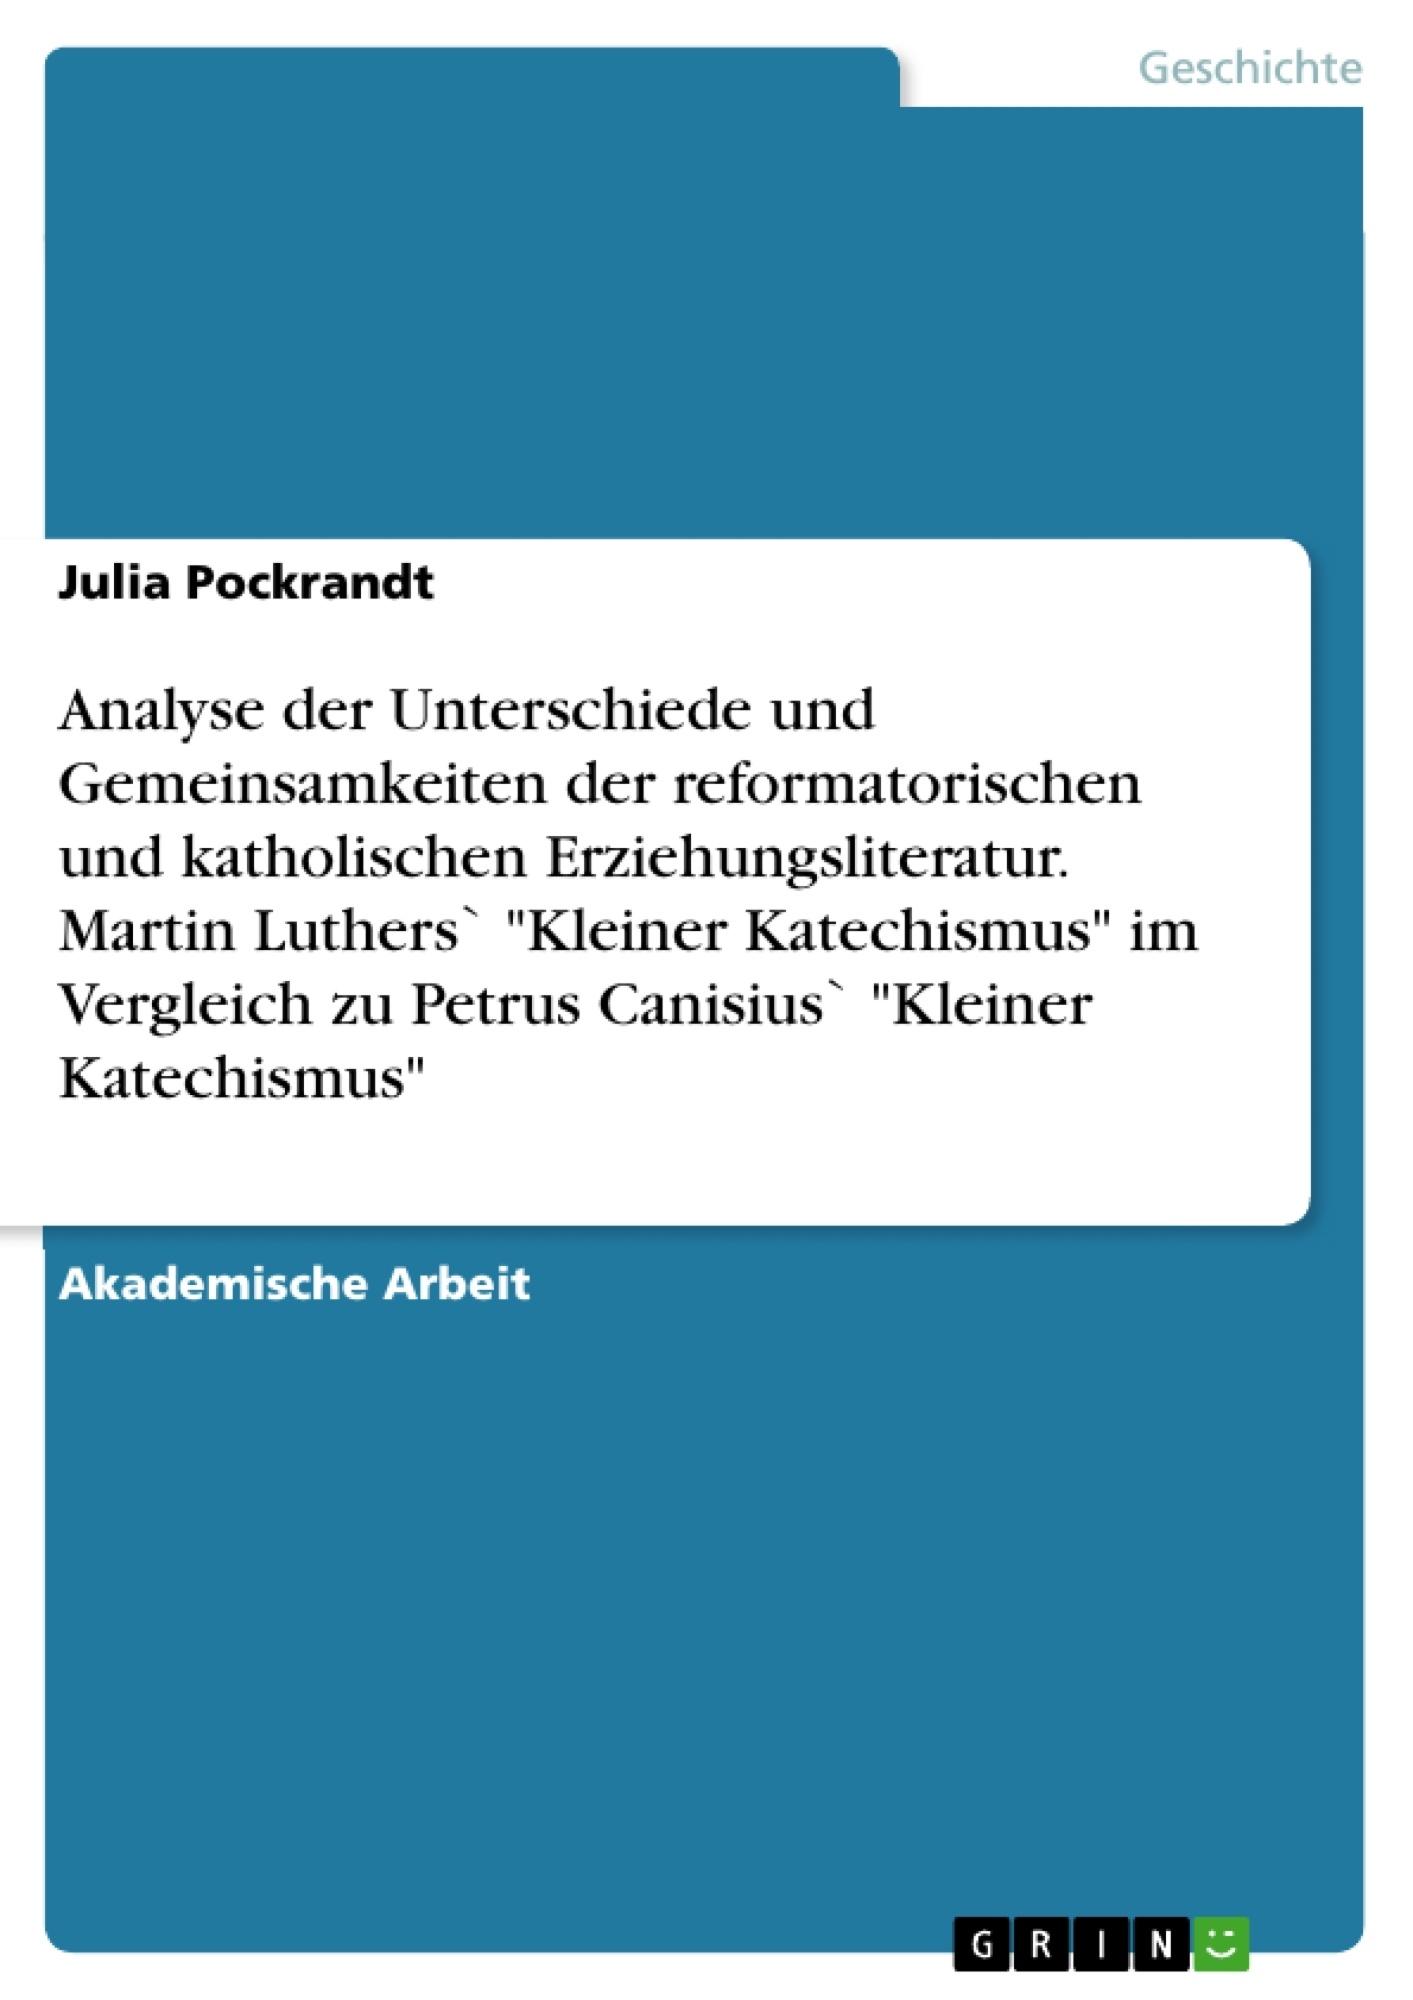 """Titel: Analyse der Unterschiede und Gemeinsamkeiten der reformatorischen und katholischen Erziehungsliteratur. Martin Luthers` """"Kleiner Katechismus"""" im Vergleich zu Petrus Canisius` """"Kleiner Katechismus"""""""